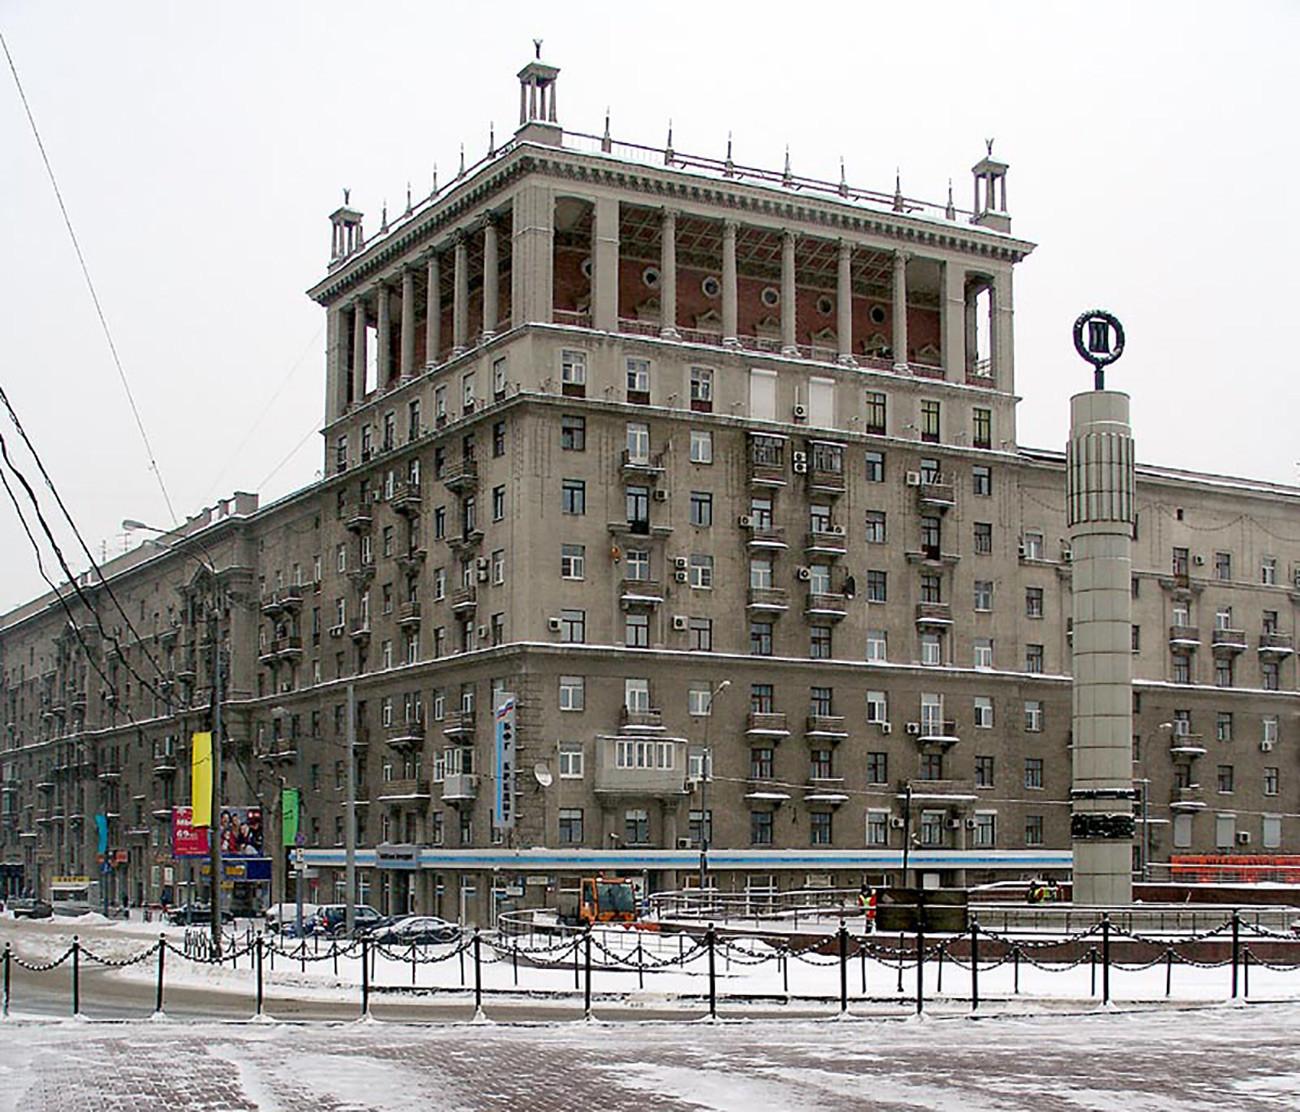 Жилищна сграда на Кутузовски проспект 35 от 1938-1941 г. в Москва